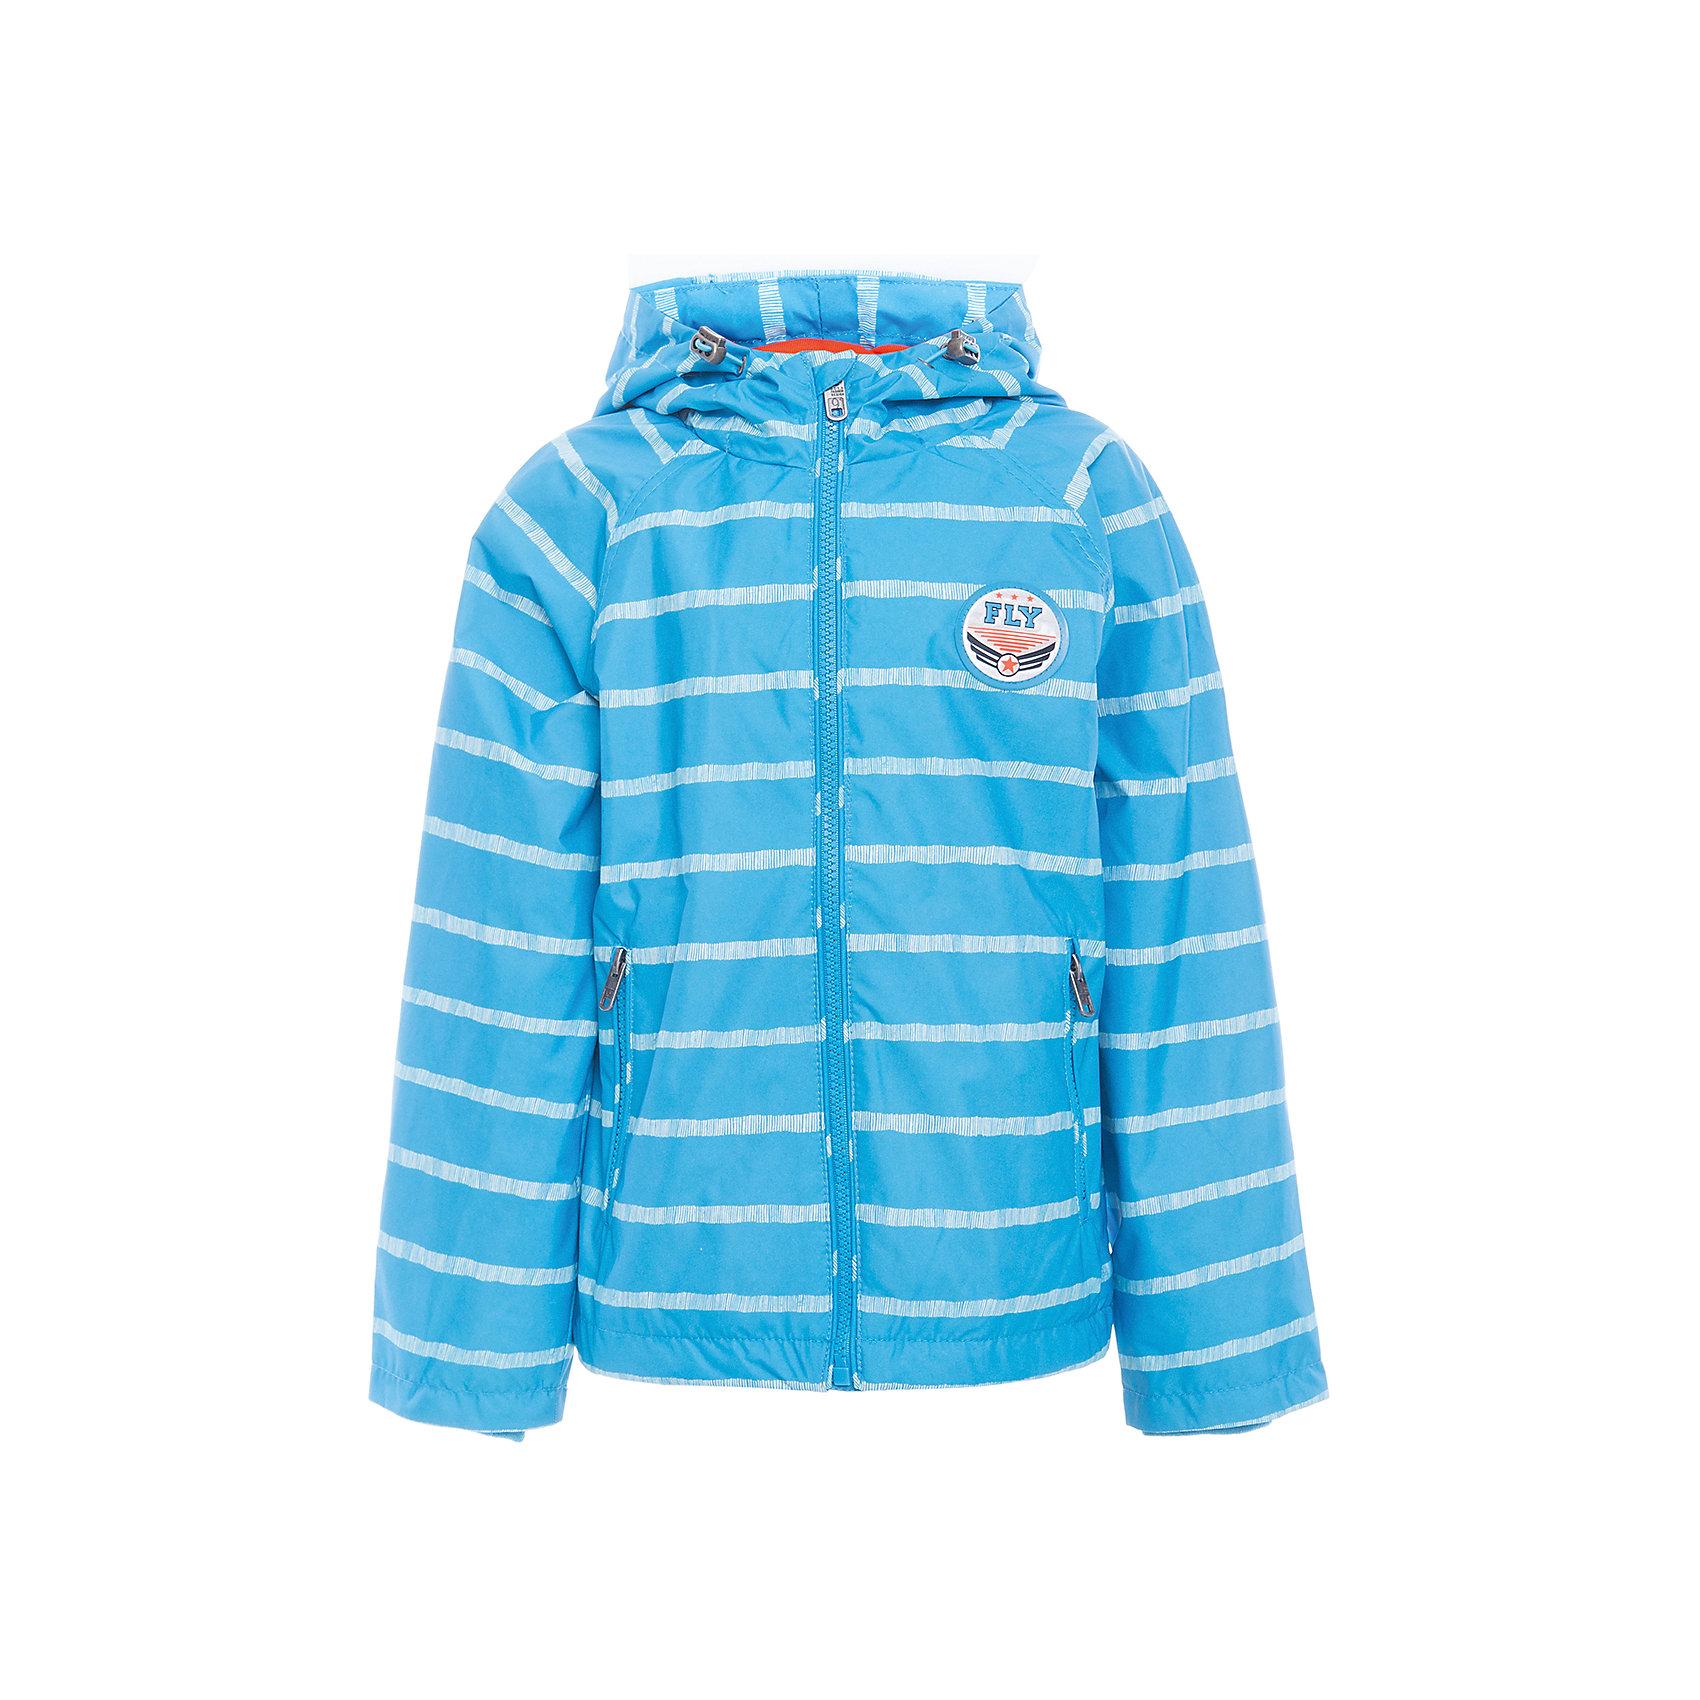 Куртка для мальчика SELAВерхняя одежда<br>Характеристики товара:<br><br>• цвет: синий<br>• состав: 100% ПЭ; подкладка: 100% хлопок; отделка: 100% ПЭ<br>• • сезон: демисезон<br>• декорирована нашивкой<br>• длинные рукава<br>• легкая<br>• карманы<br>•  молния<br>• страна бренда: Россия<br><br>Вещи из новой коллекции SELA продолжают радовать удобством! Стильная легкая куртка для мальчика поможет разнообразить гардероб ребенка и обеспечить комфорт в прохладную погоду. Она отлично сочетается с юбками и брюками. Отличается оригинальной отделкой. <br><br>Одежда, обувь и аксессуары от российского бренда SELA не зря пользуются большой популярностью у детей и взрослых! Модели этой марки - стильные и удобные, цена при этом неизменно остается доступной. Для их производства используются только безопасные, качественные материалы и фурнитура. <br><br>Куртку для мальчика от популярного бренда SELA (СЕЛА) можно купить в нашем интернет-магазине.<br><br>Ширина мм: 356<br>Глубина мм: 10<br>Высота мм: 245<br>Вес г: 519<br>Цвет: синий<br>Возраст от месяцев: 24<br>Возраст до месяцев: 36<br>Пол: Мужской<br>Возраст: Детский<br>Размер: 98,104,116,110<br>SKU: 5305218